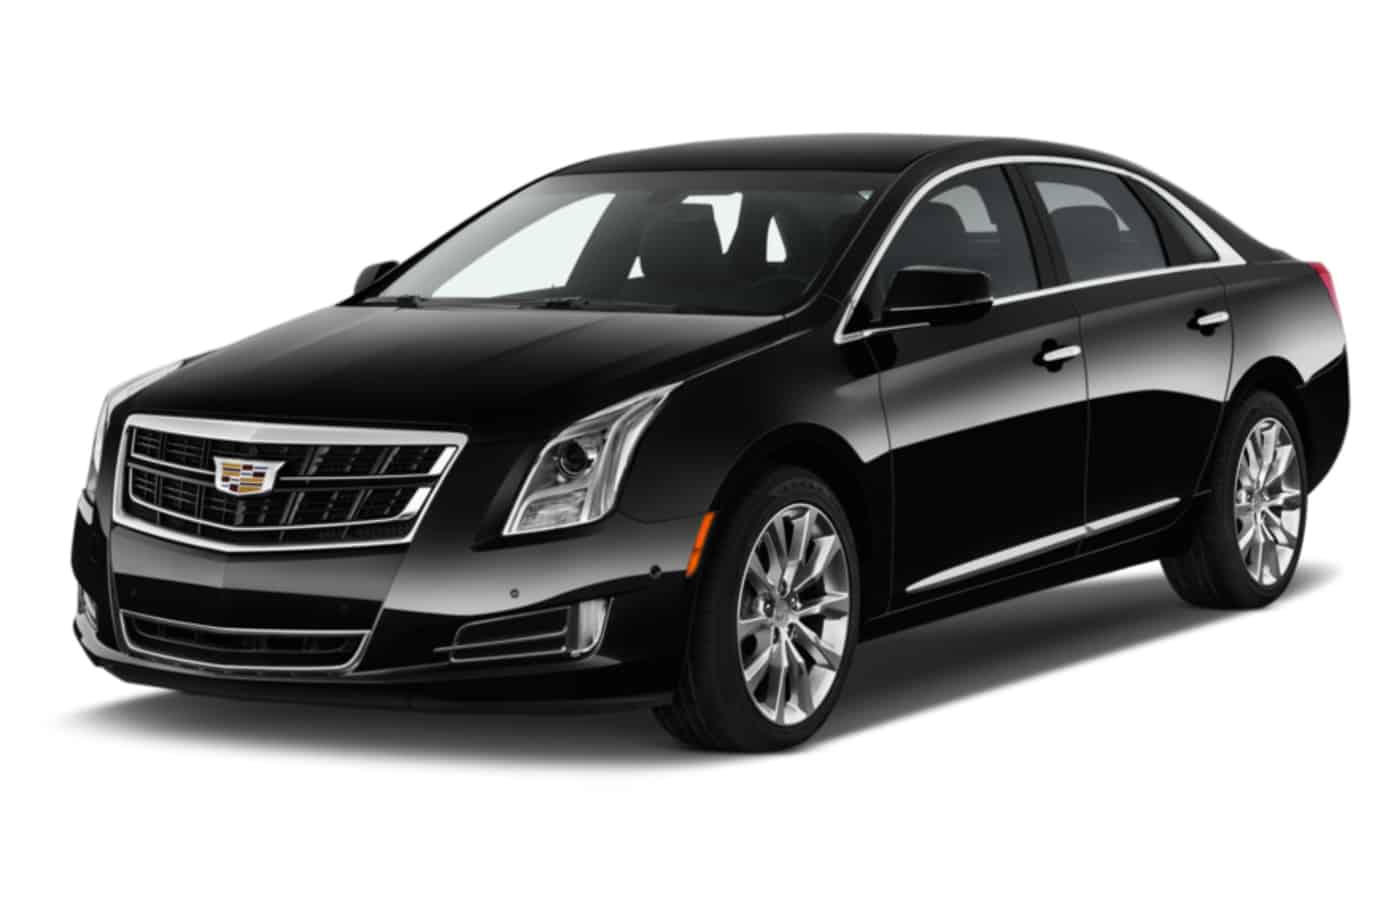 Cadillac XTS - Tangier transportation